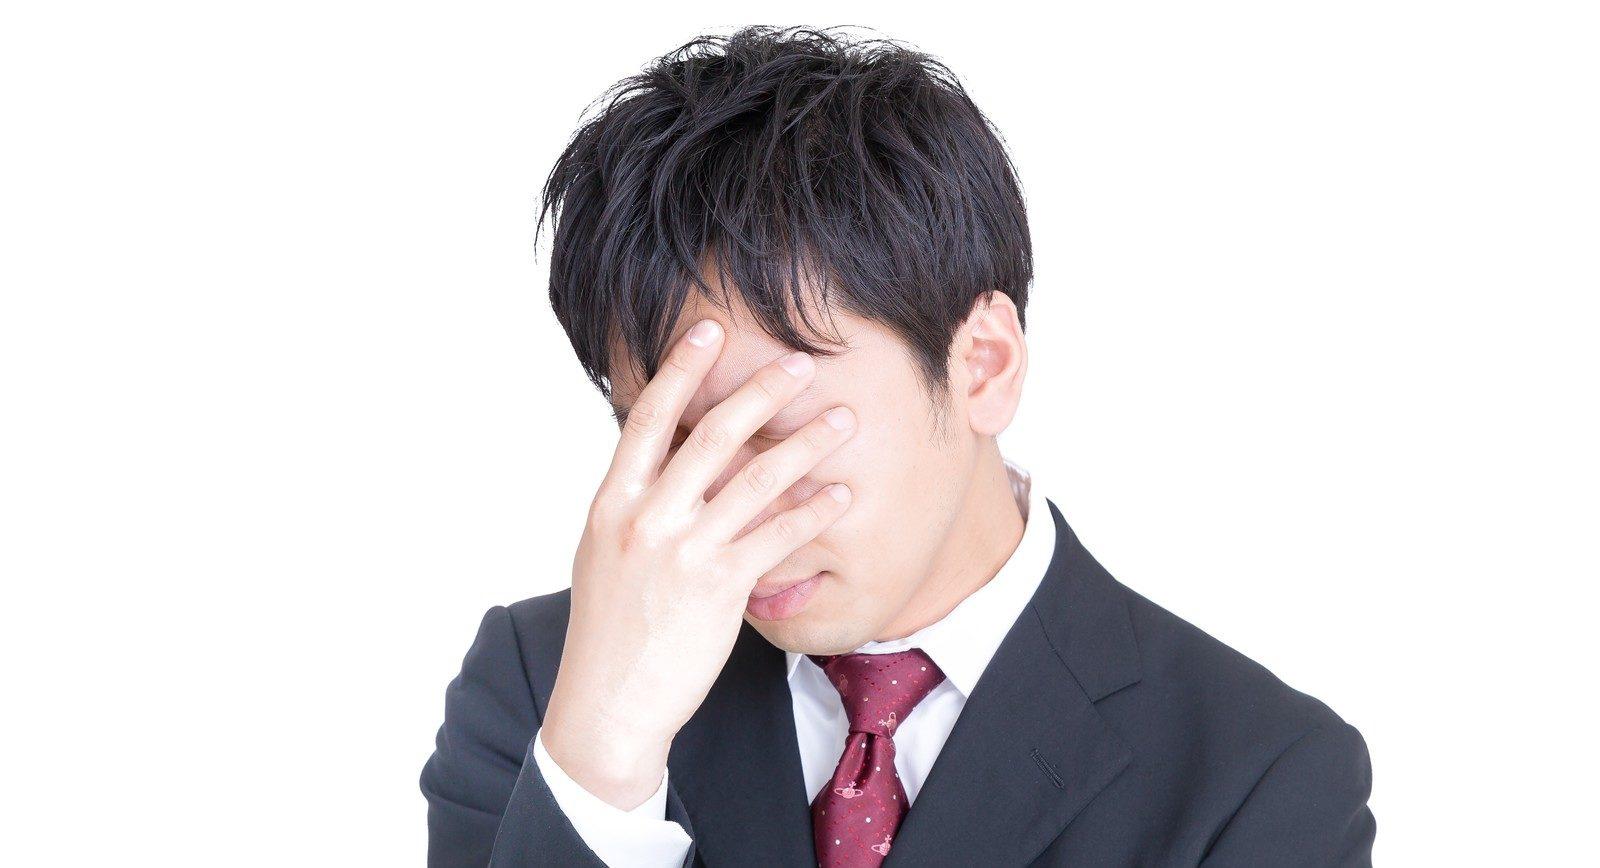 なぜグリーンスムージーを飲んで頭痛がするの・・・これって好転反応?